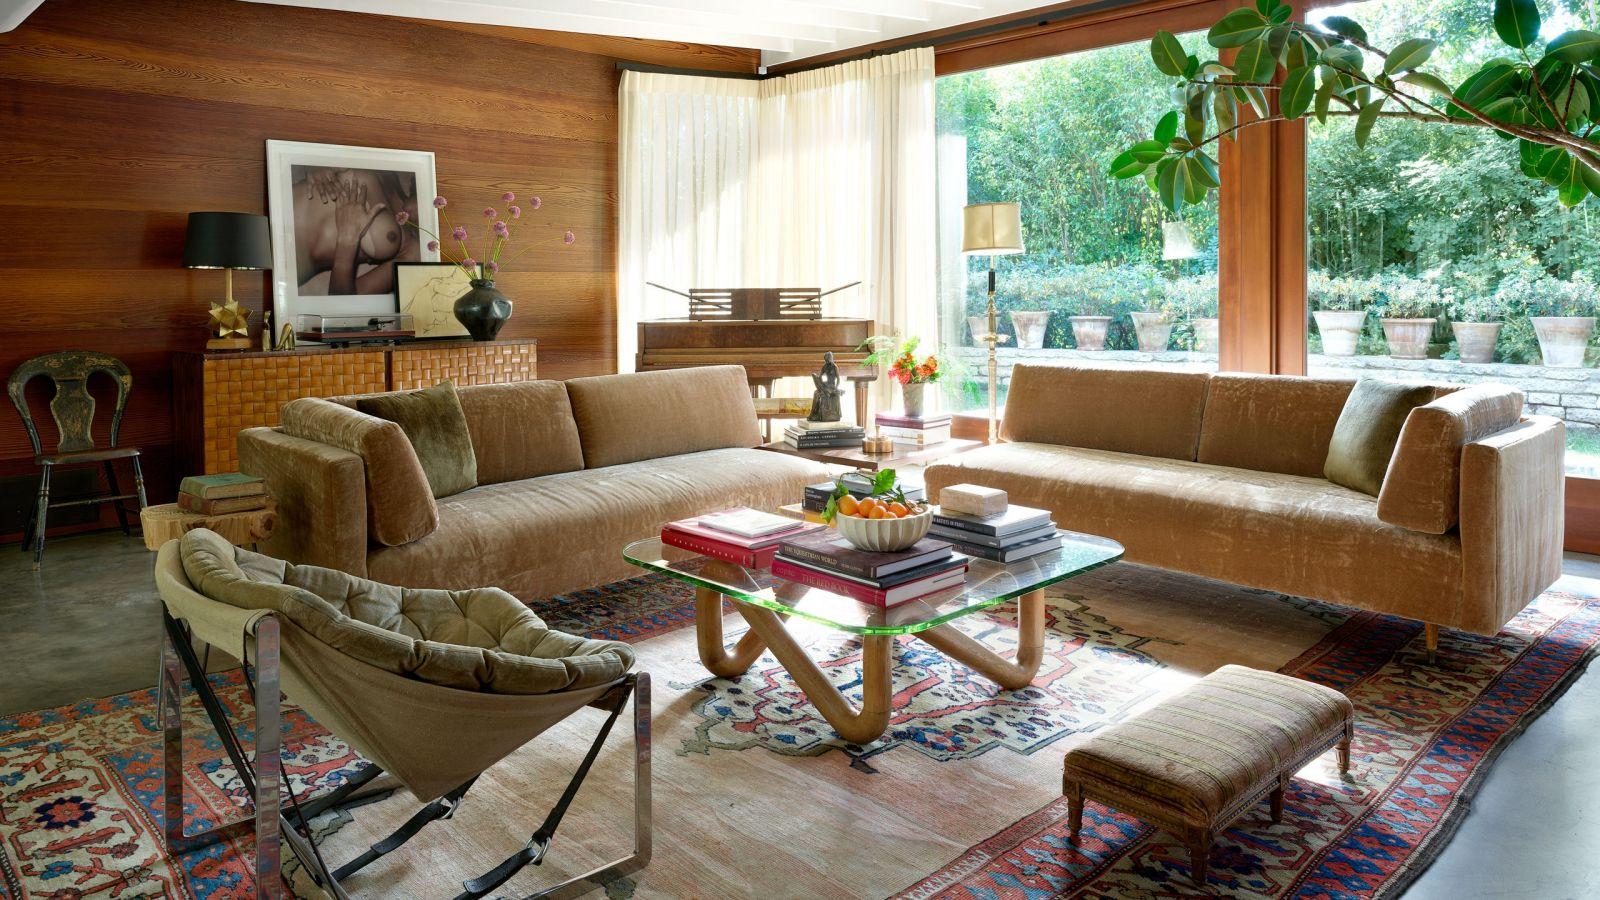 Phòng khách mang đậm phong cách Mid-century. Màu nâu gỗ ấm cúng kết hợp cùng họa tiếtVintage của thảm tạo ra tổng thể vô cùng hài hòa